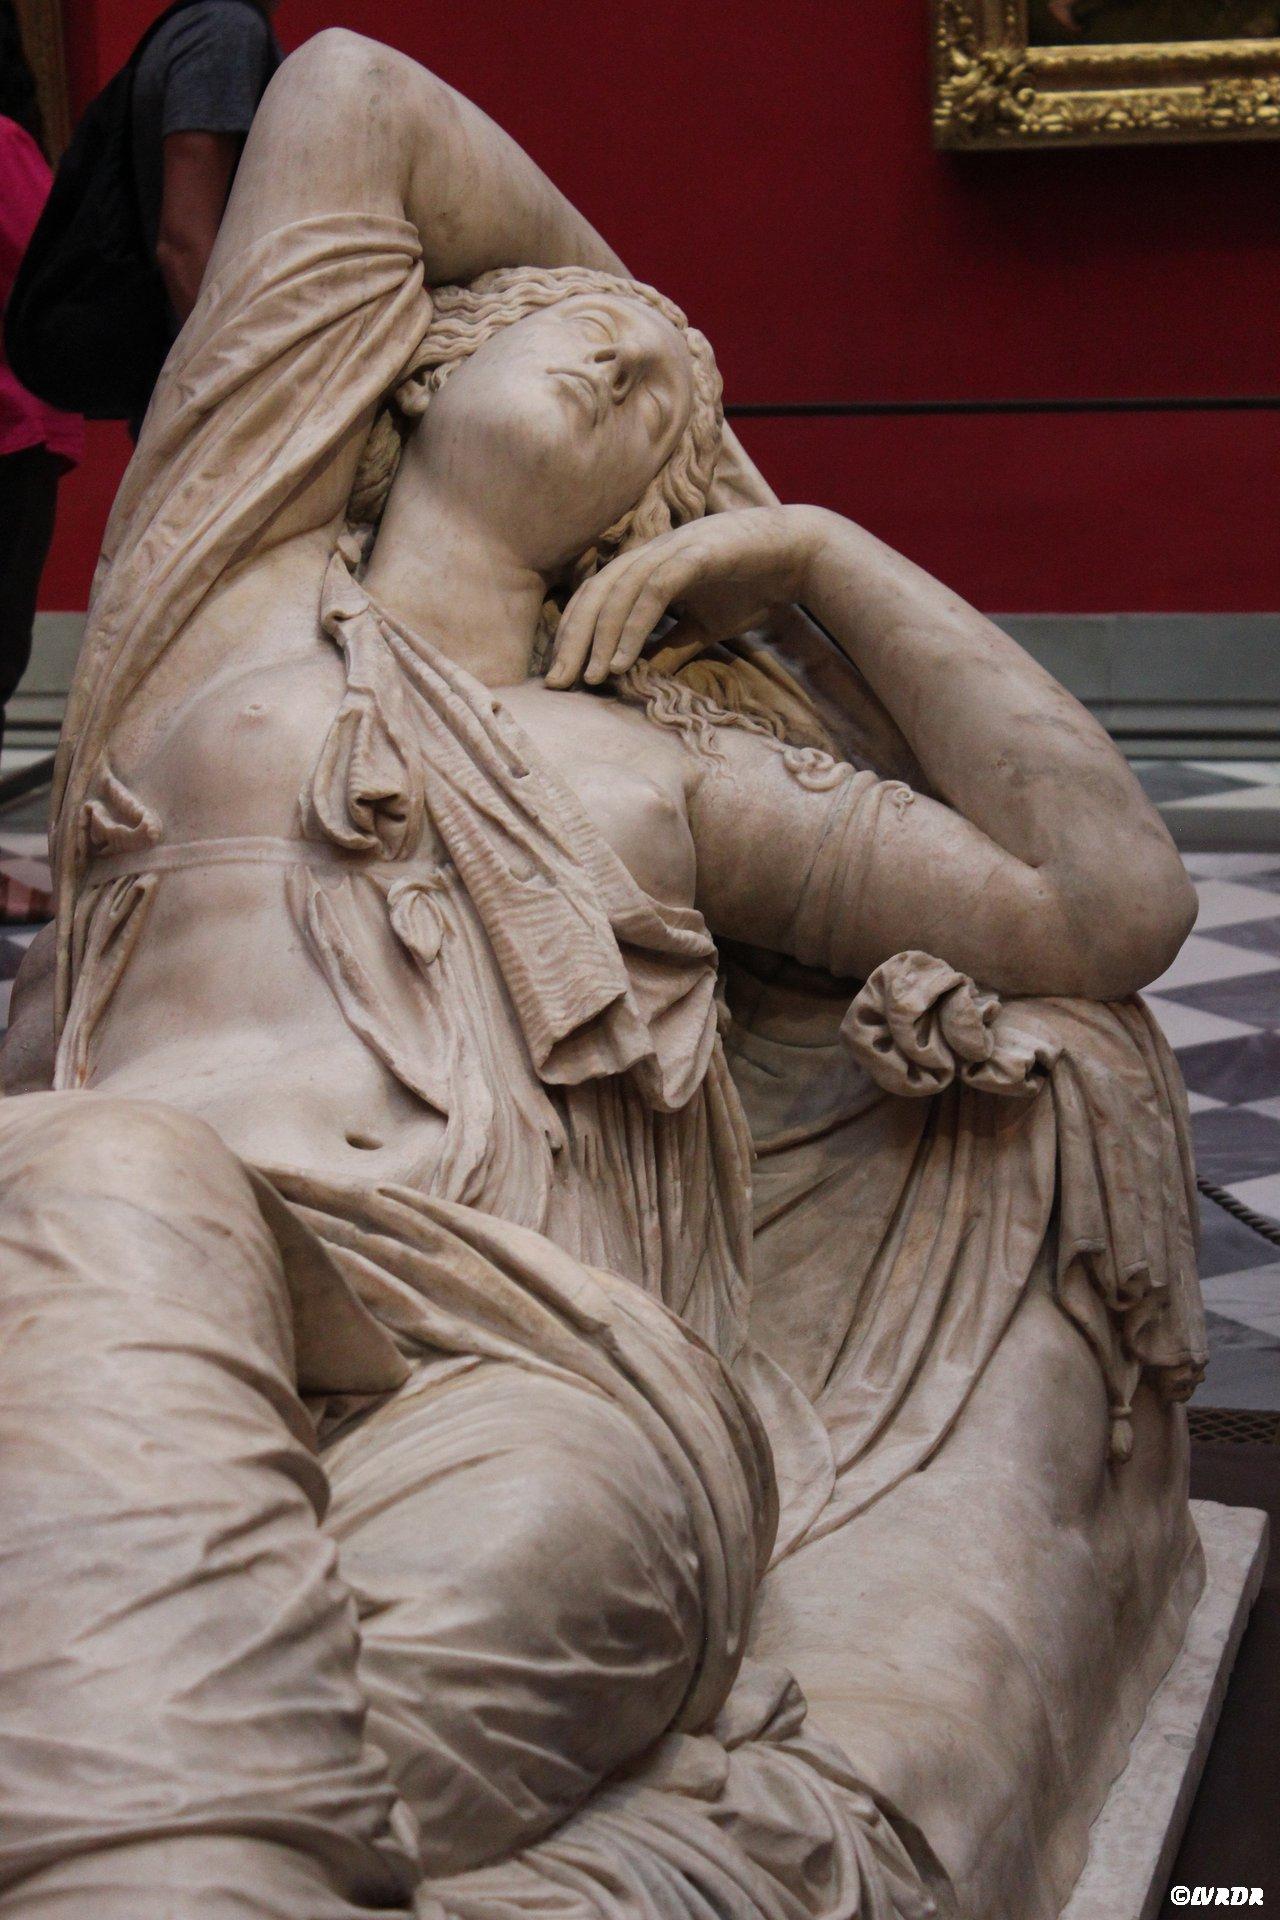 Sculture à la Galleria degli Uffizi à Florence